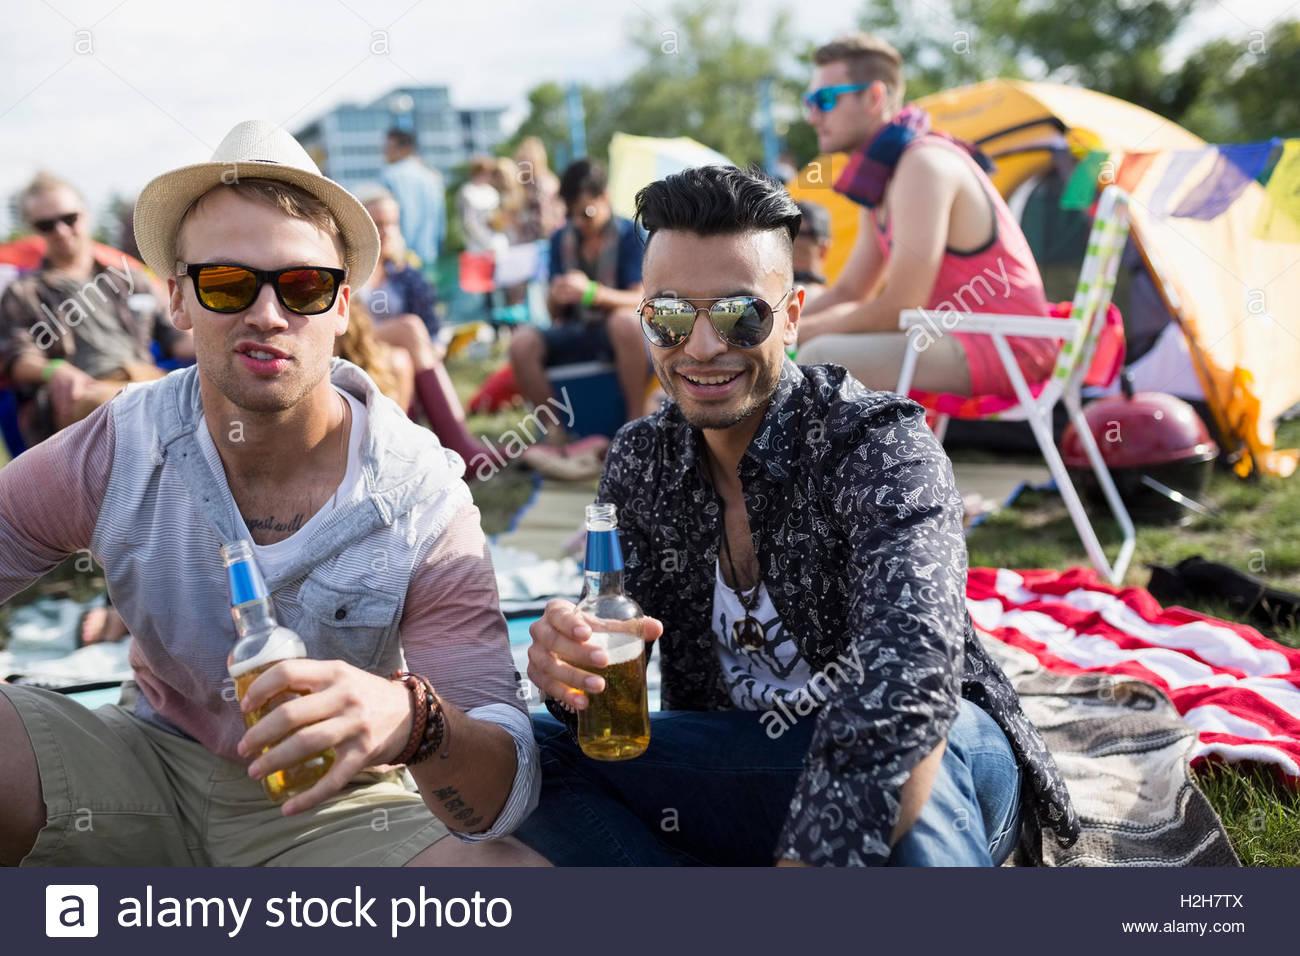 Porträt junge Männer trinken Bier am Sommer-Musik-Festival-Campingplatz Stockbild